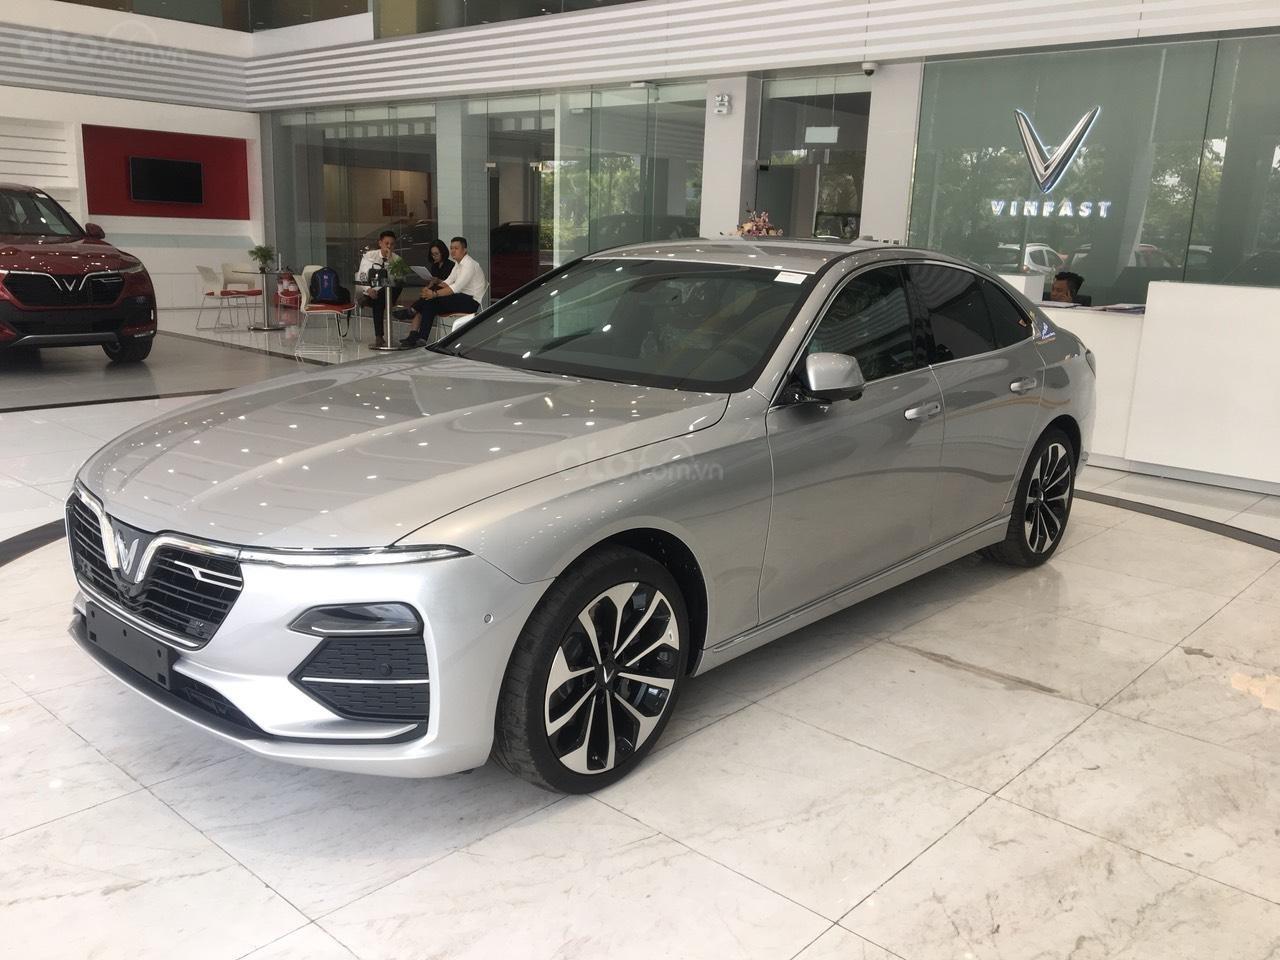 Bán xe VinFast LUX A2.0 full-Da Nappa Nâu 2019, màu bạc 0911234775 em Long (9)